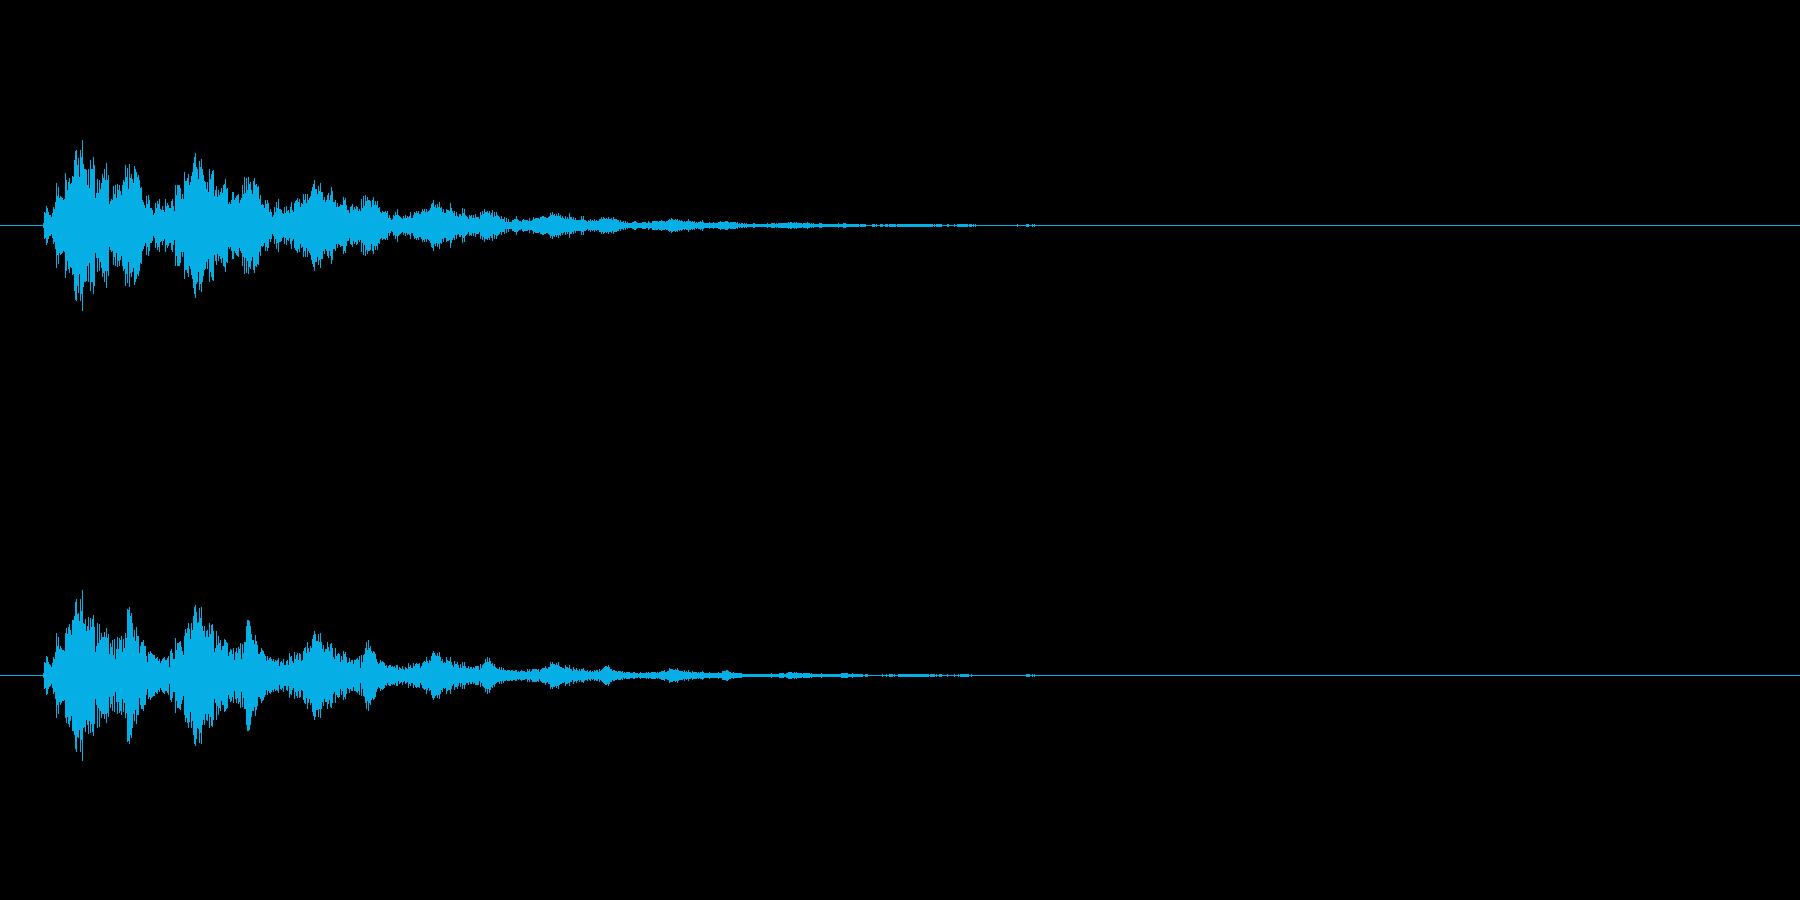 【スポットライト01-2】の再生済みの波形